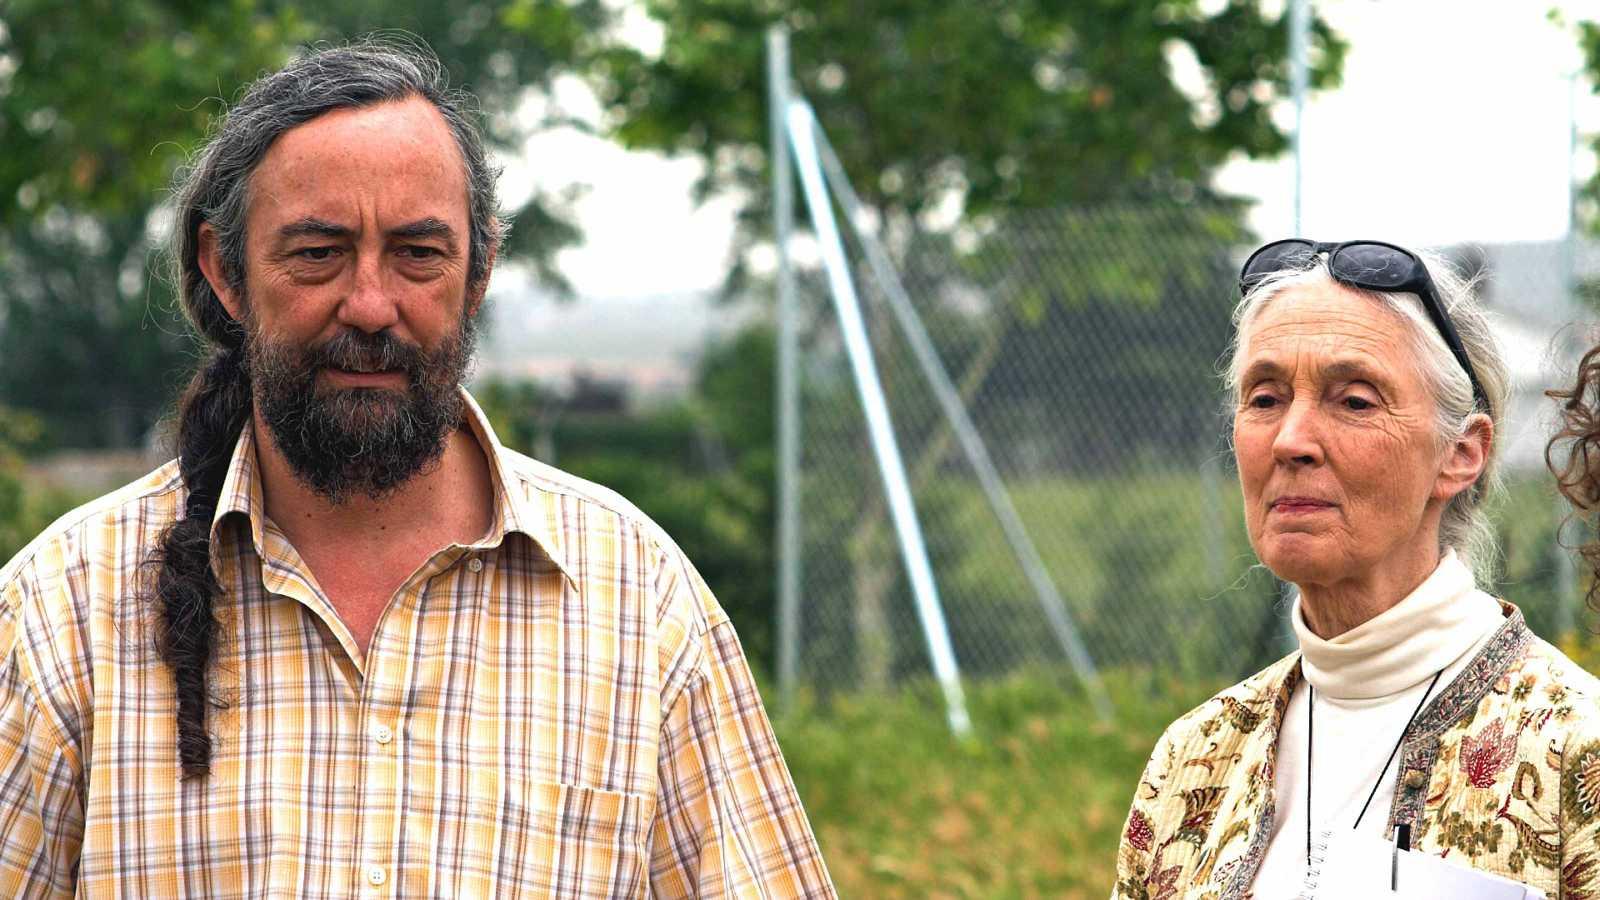 El placer de admirar - Guillermo Bustelo - 06/03/21 - escuchar ahora